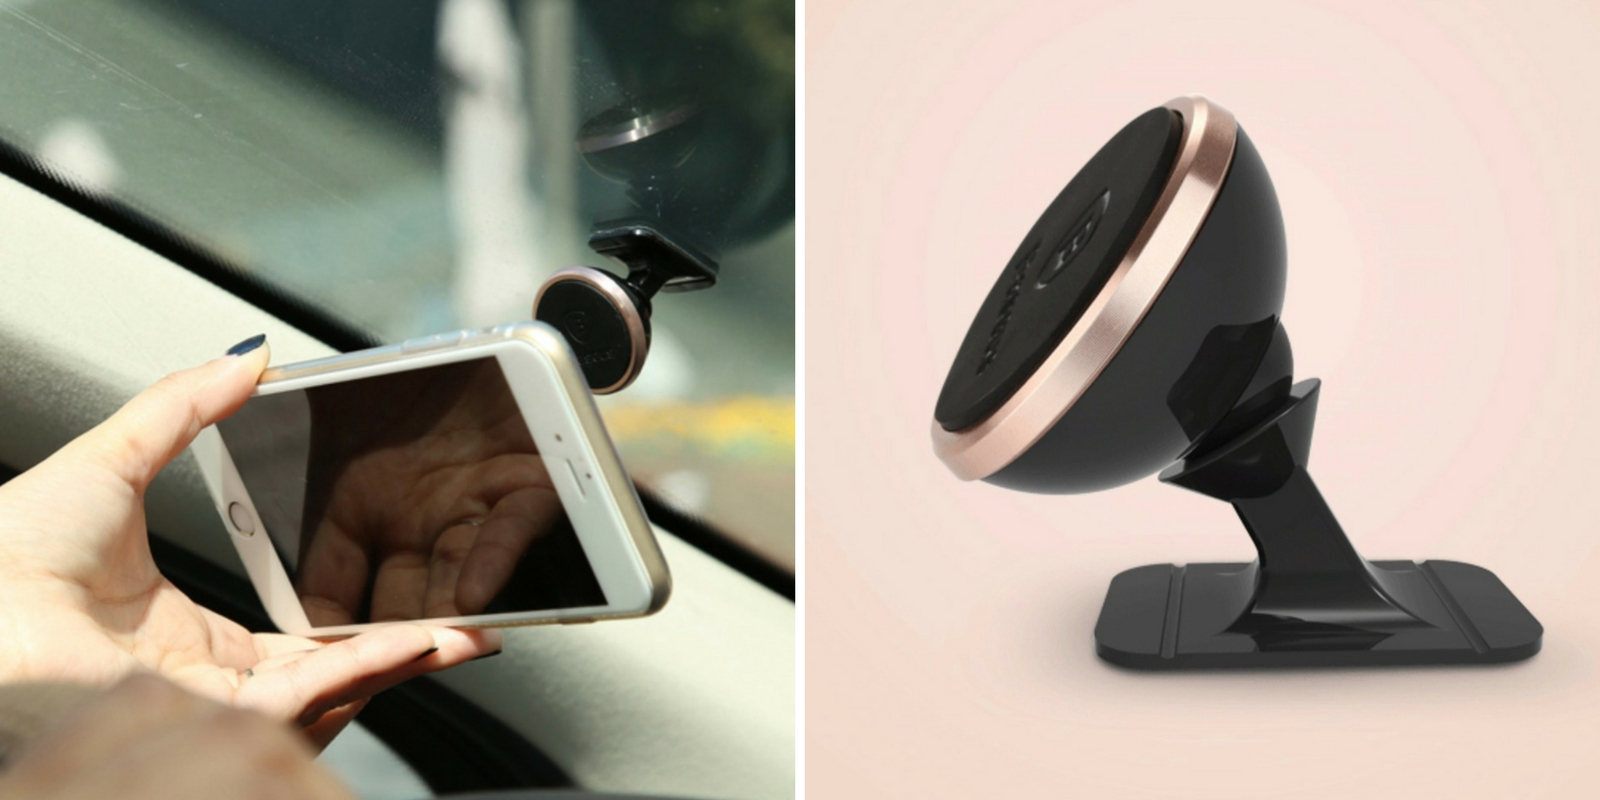 Крепеж смартфона samsung (самсунг) спарк комбо алиэкспресс программа dji go инструкция по установлению